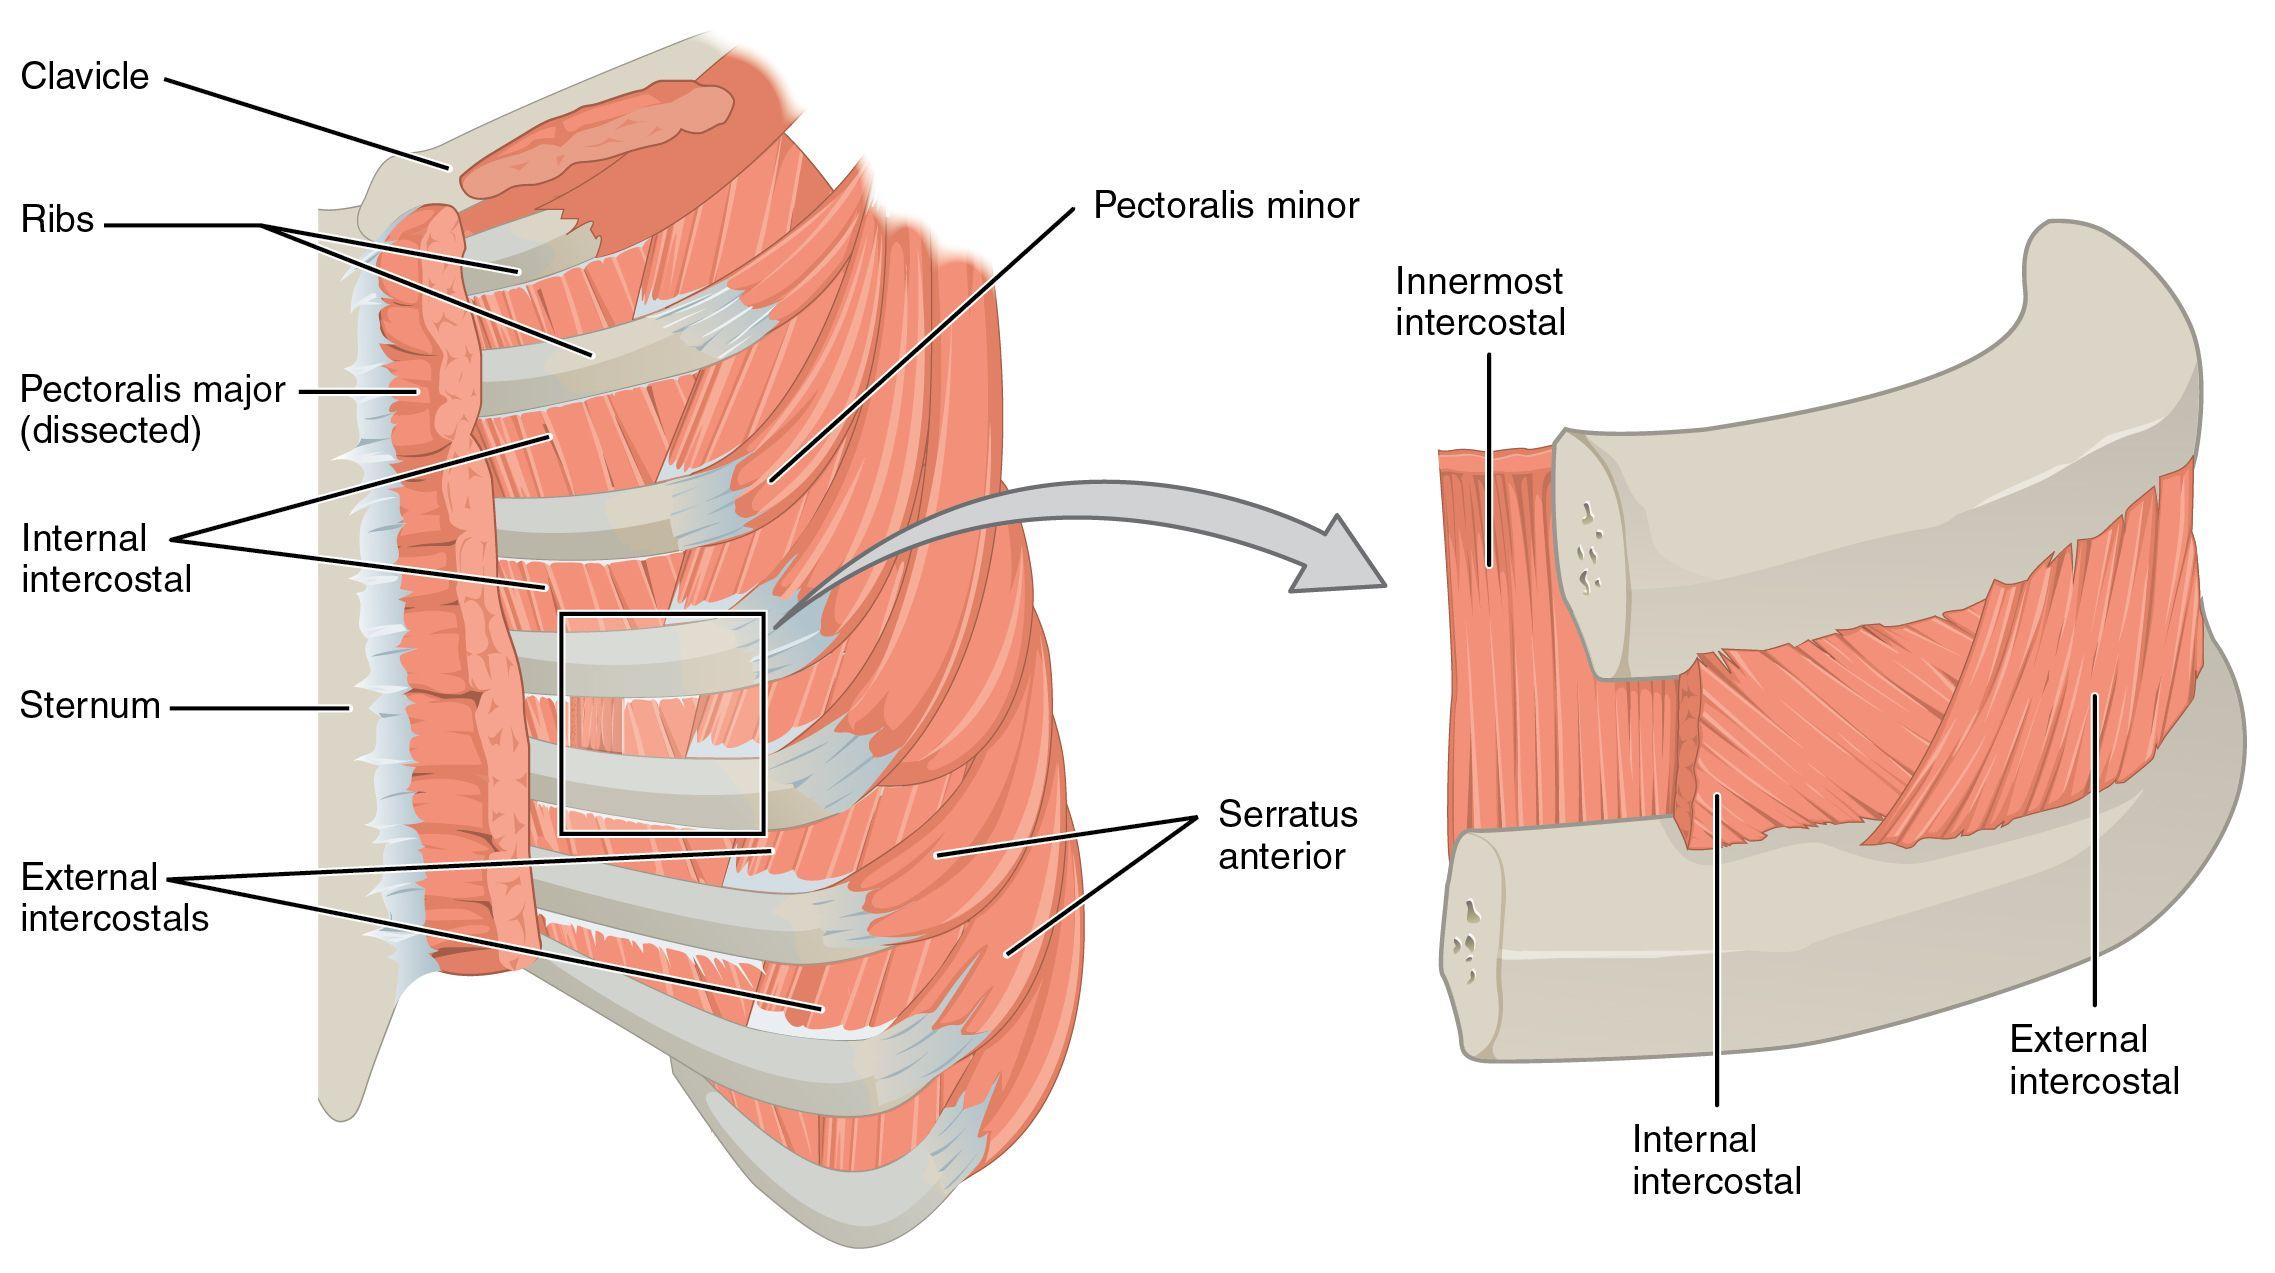 external and internal intercostal muscles | rubba dub dub | Pinterest